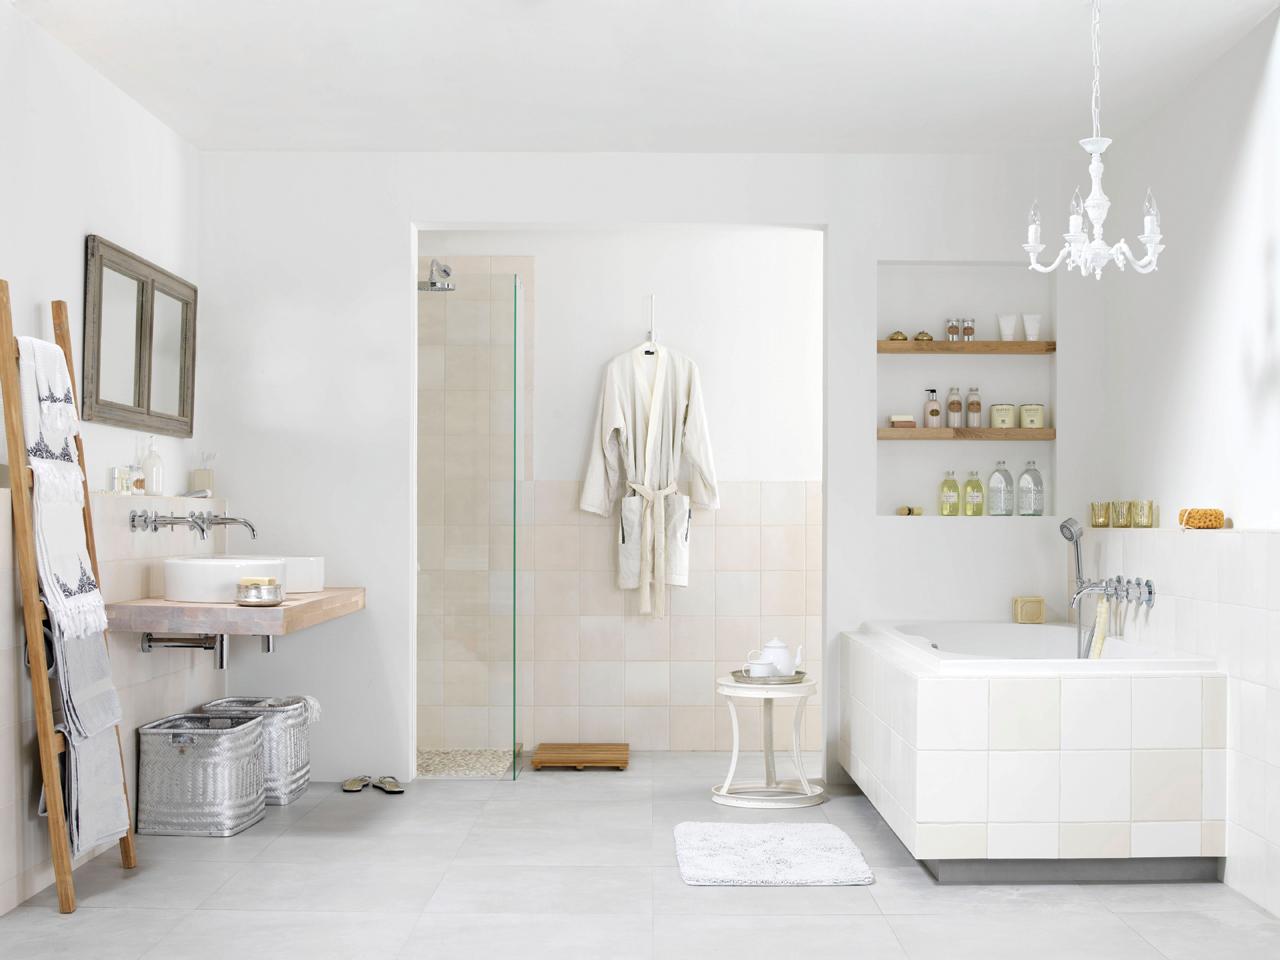 Kleine Badkamer Tegelen ~   nieuwe badkamer kopen indien u van plan bent om een nieuwe badkamer te